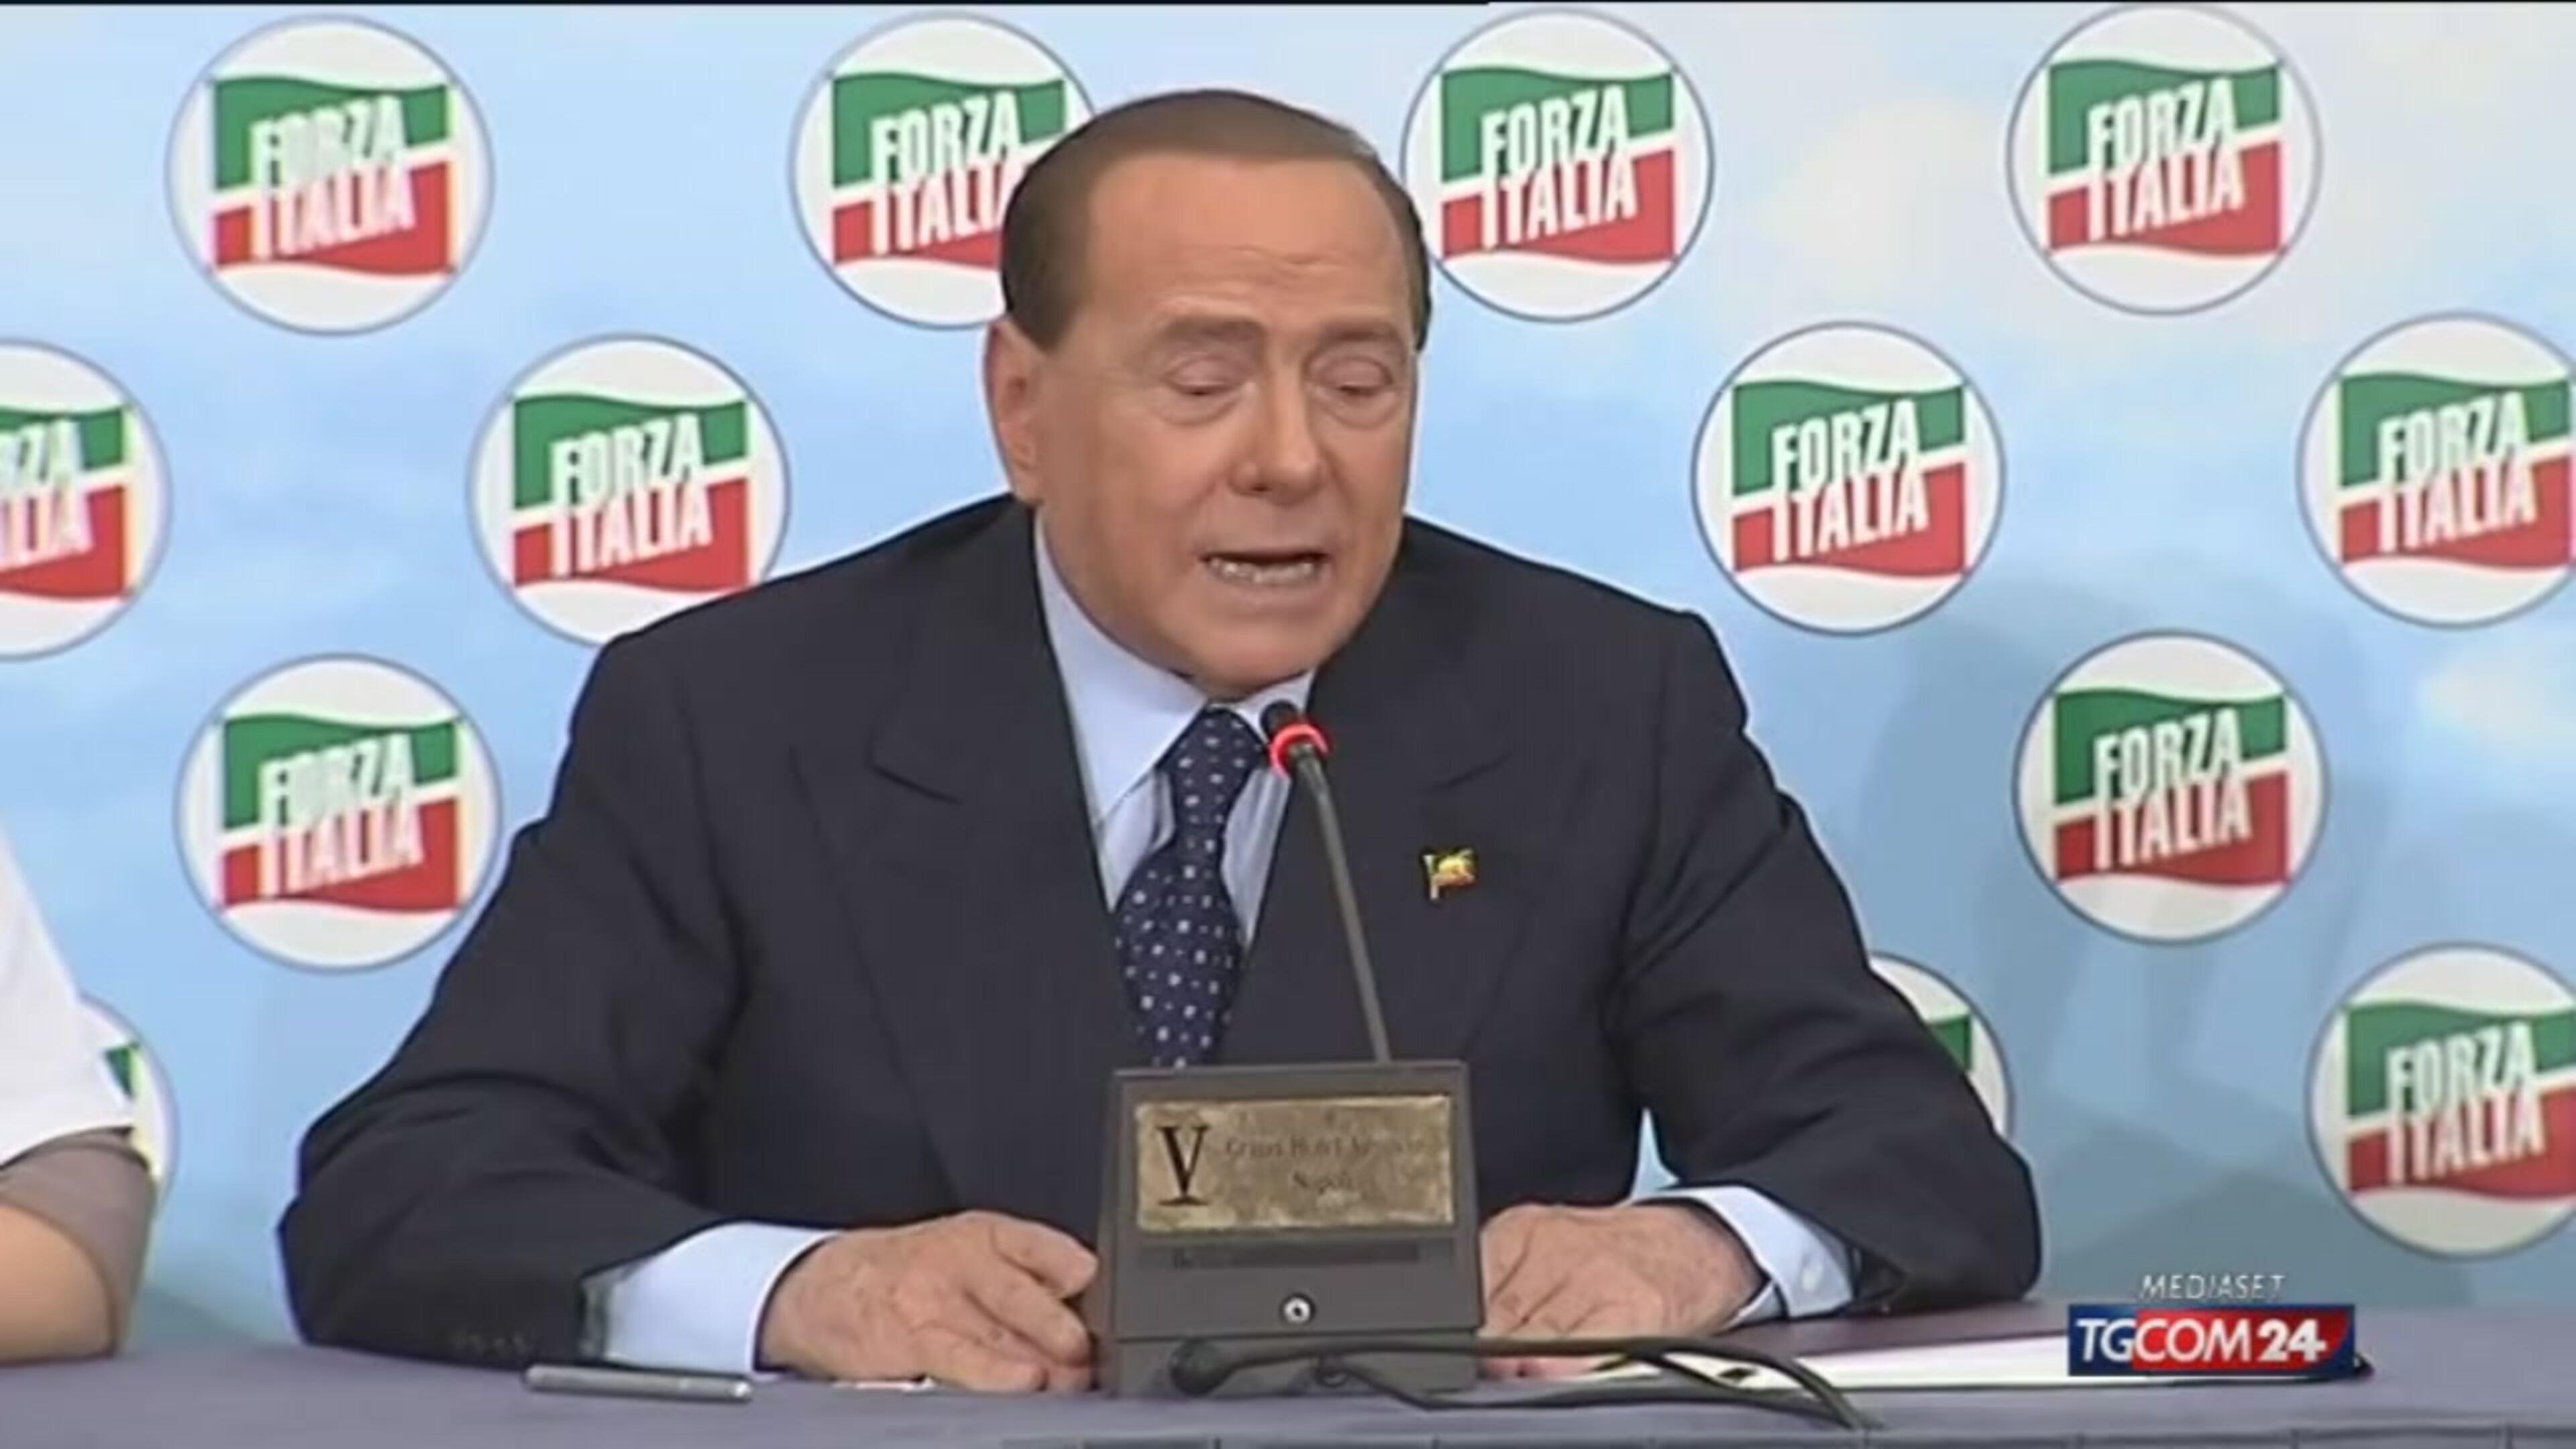 Berlusconi: i moderati formati da uomini del fare